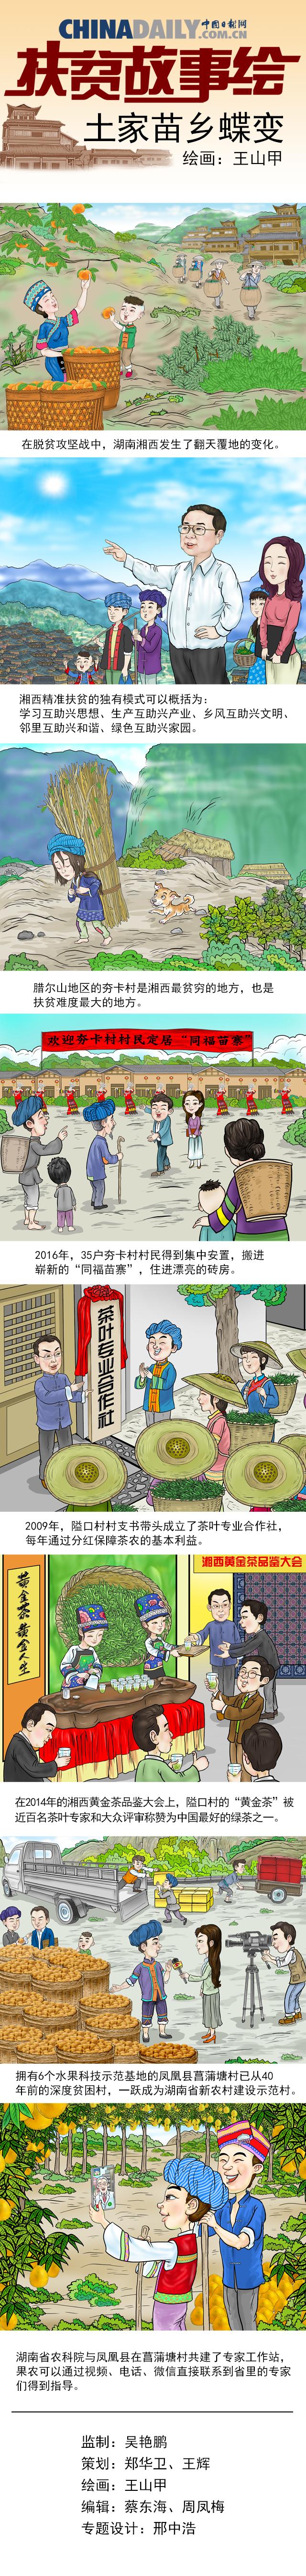 """【扶贫故事绘】土家苗乡""""蝶变"""""""